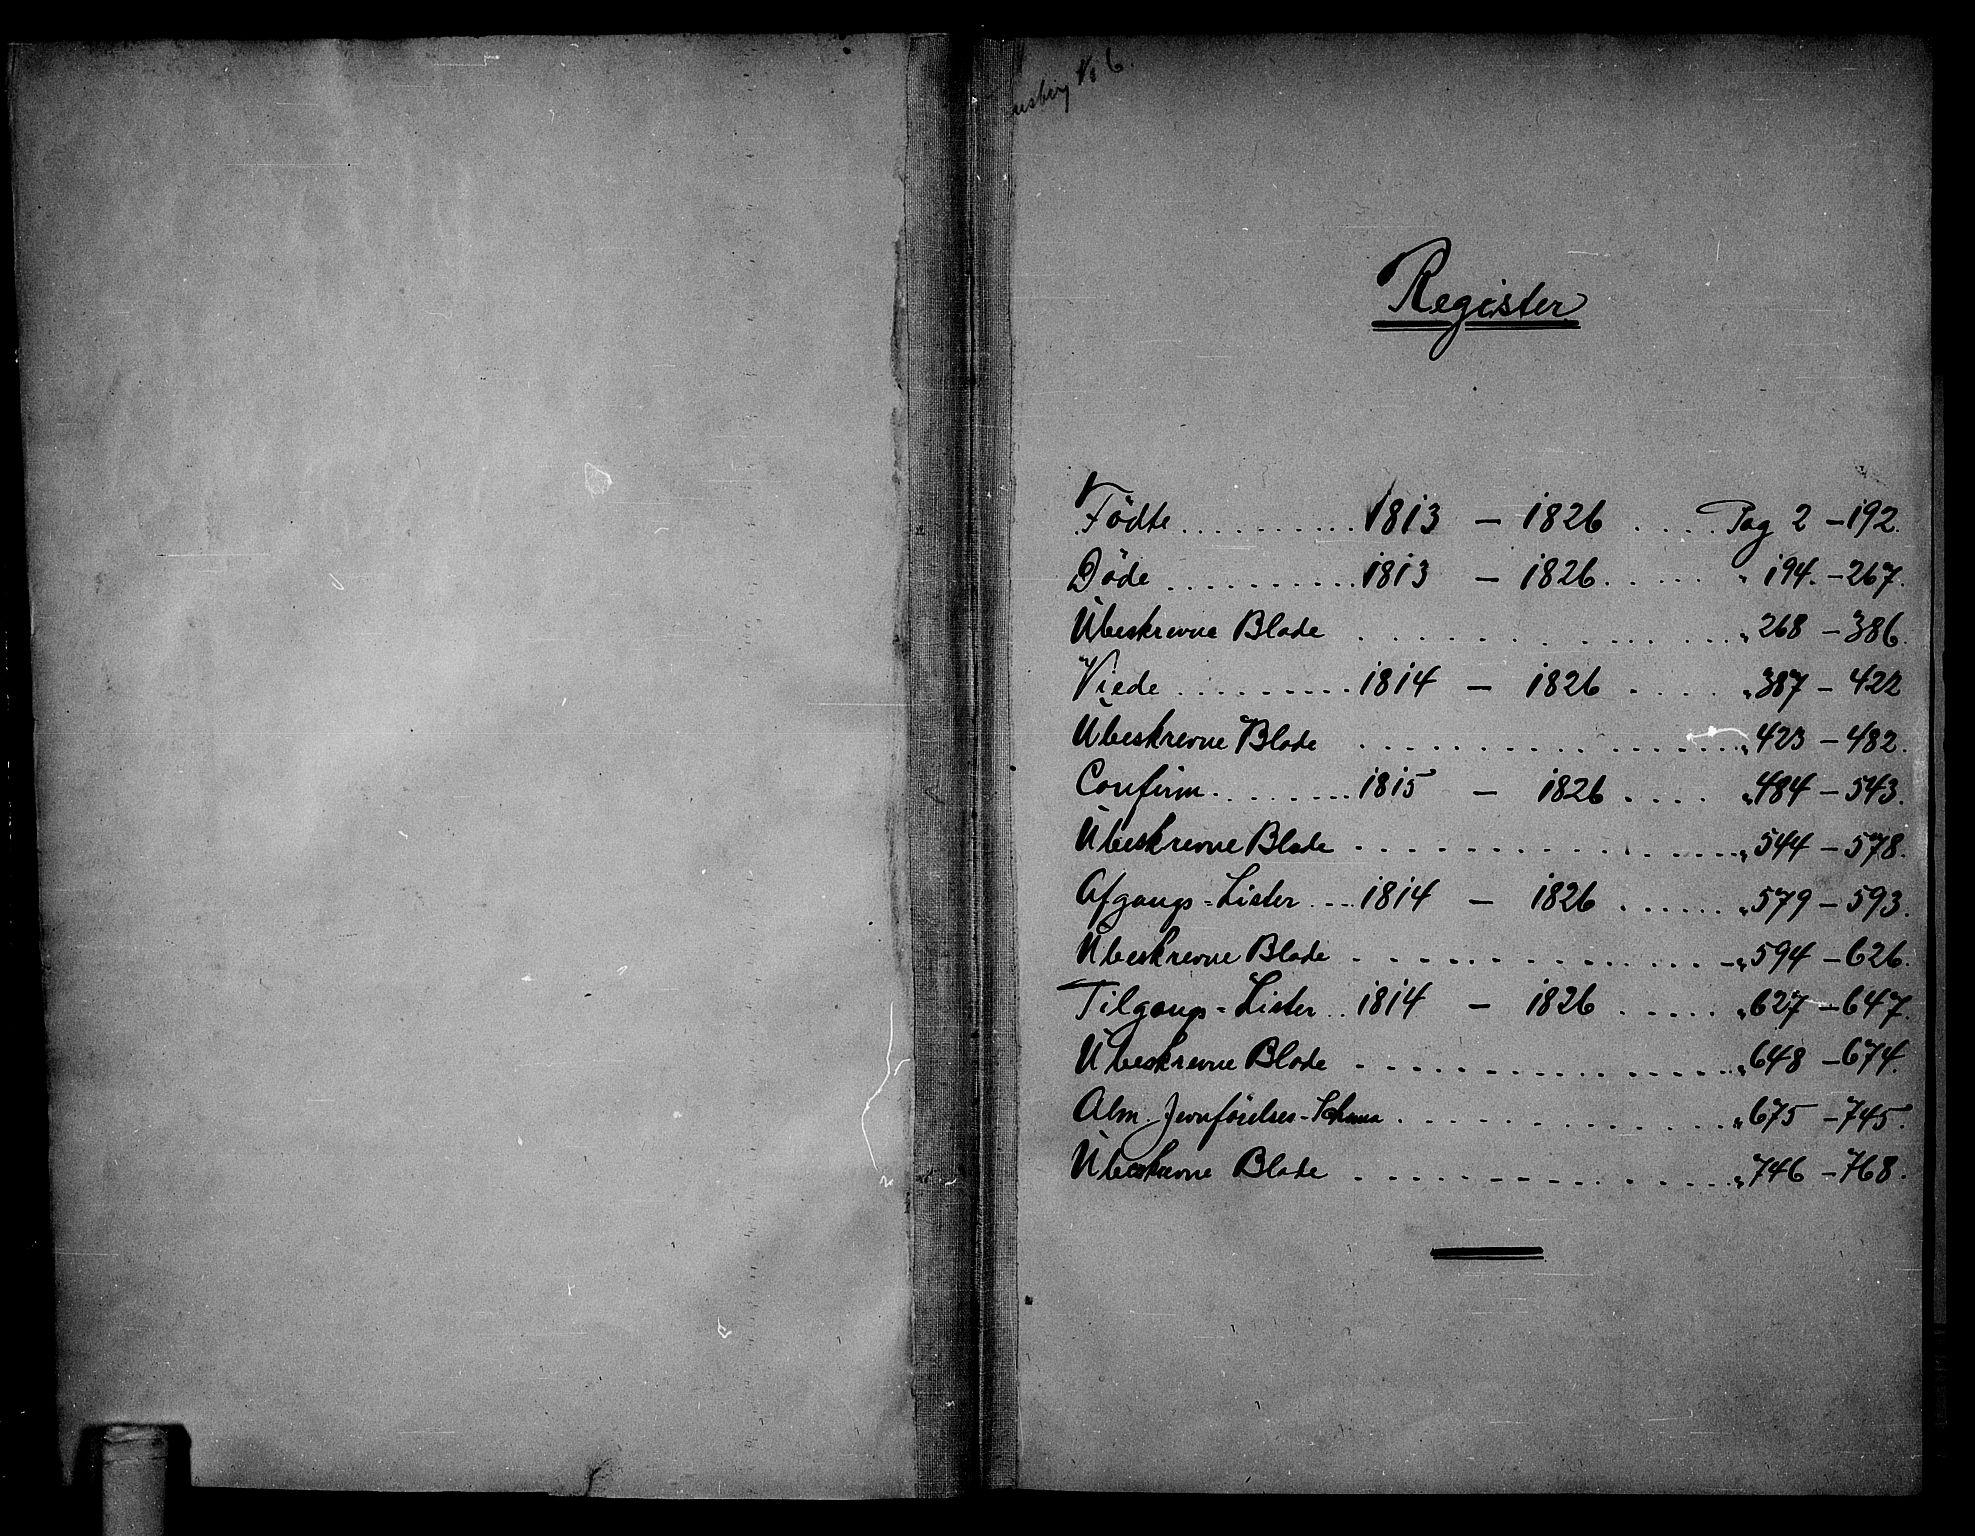 SAKO, Tønsberg kirkebøker, G/Ga/L0001: Klokkerbok nr. 1, 1813-1826